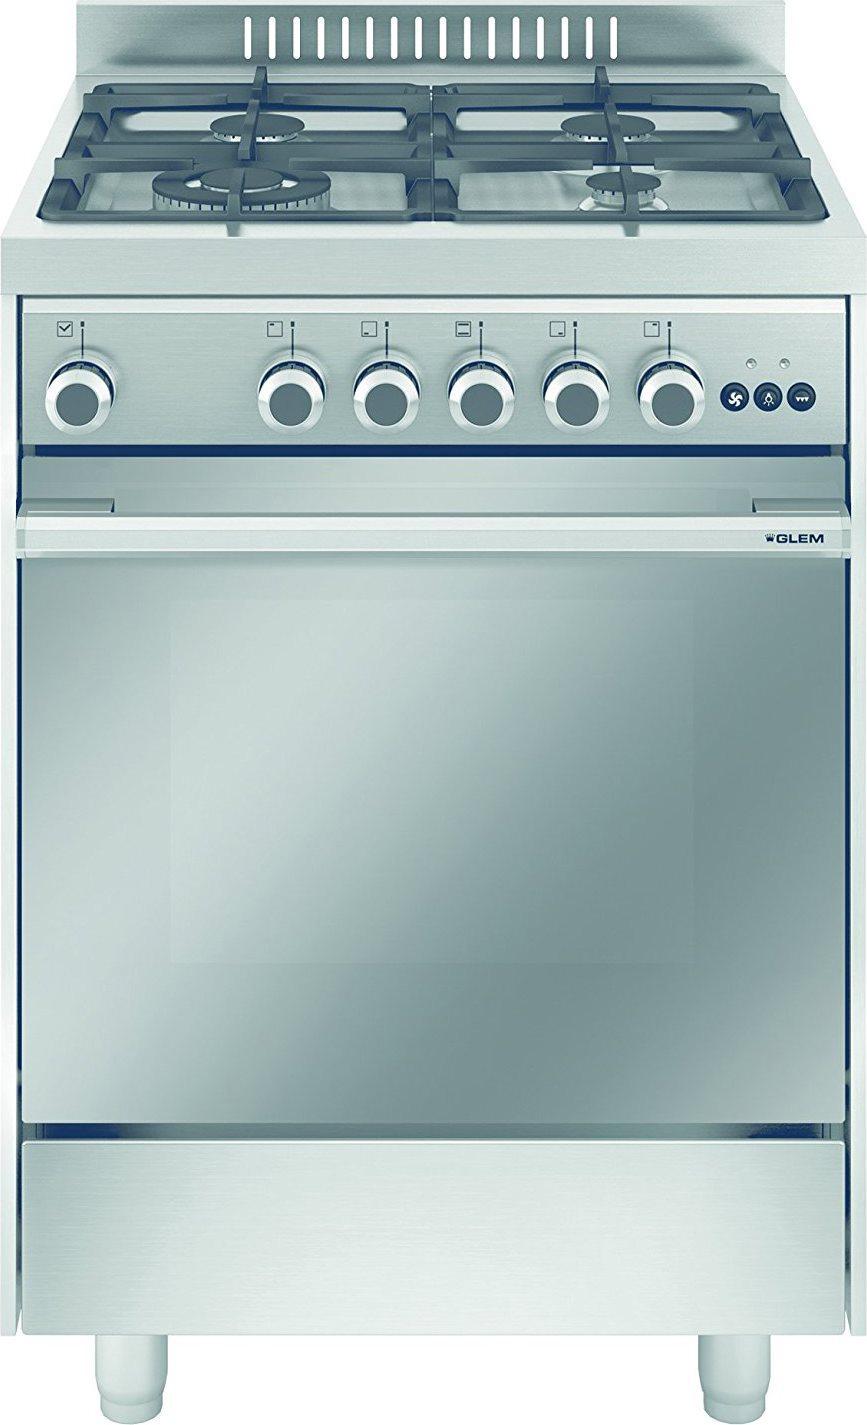 Glem gas cucina a gas 4 fuochi forno a gas multifunzione - Cucina a gas glem ...